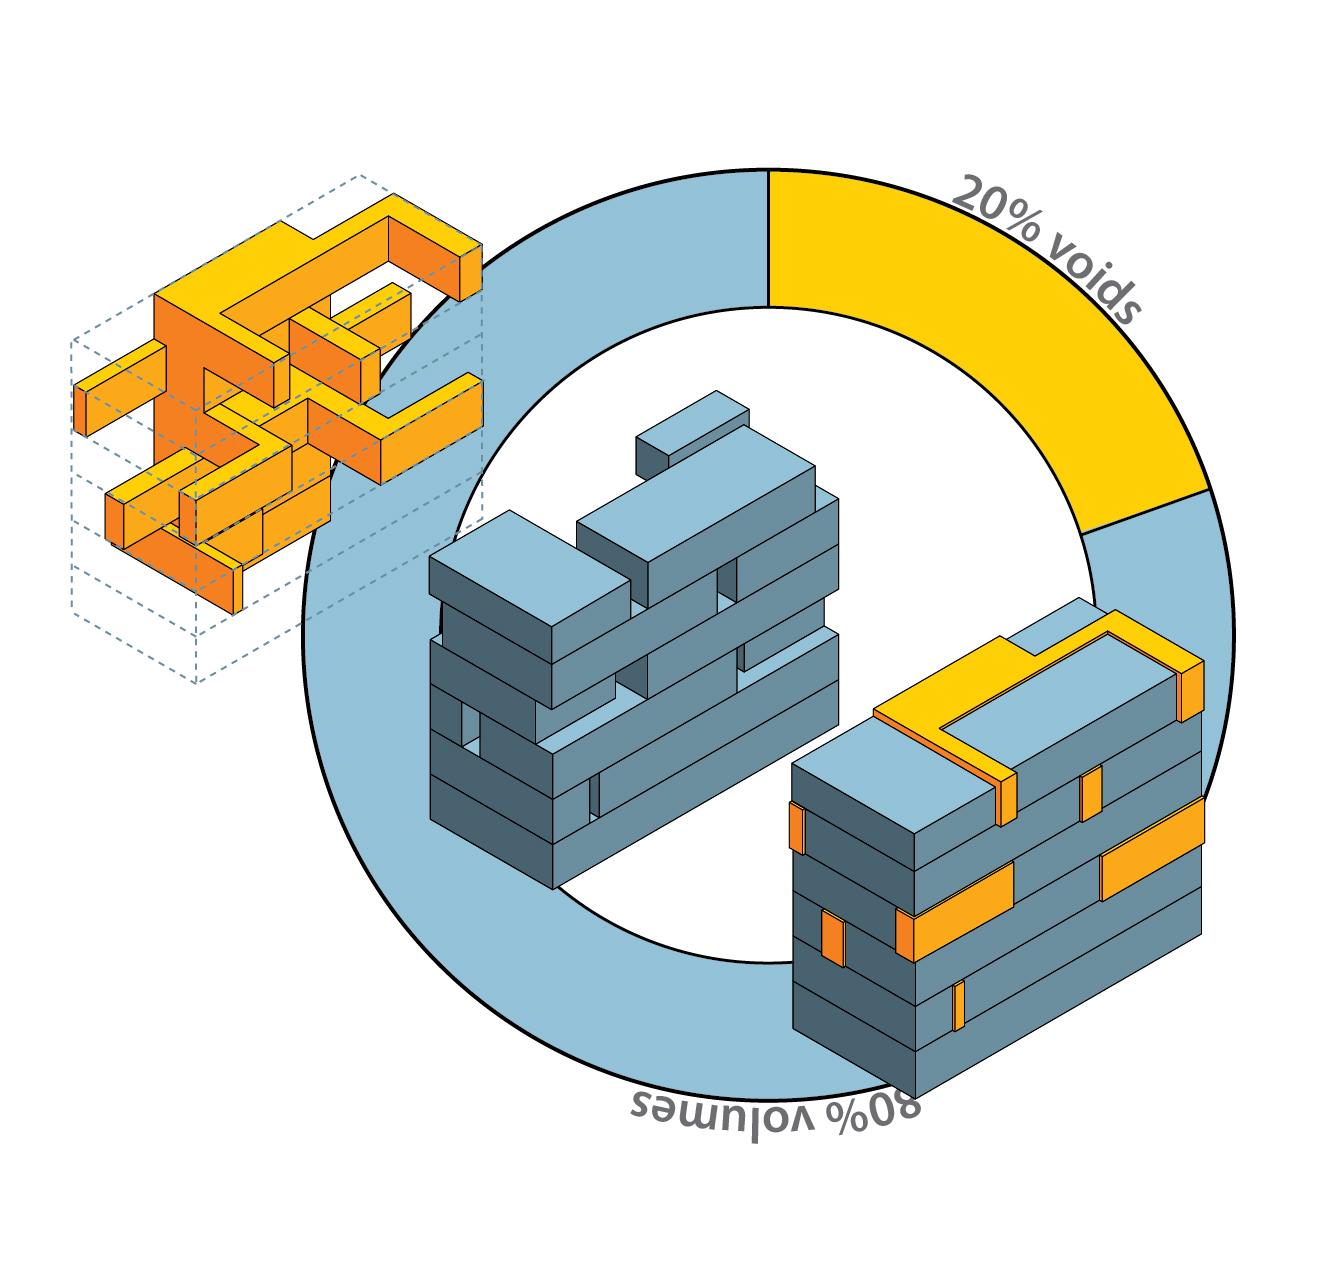 Volumetric Analysis of the built work